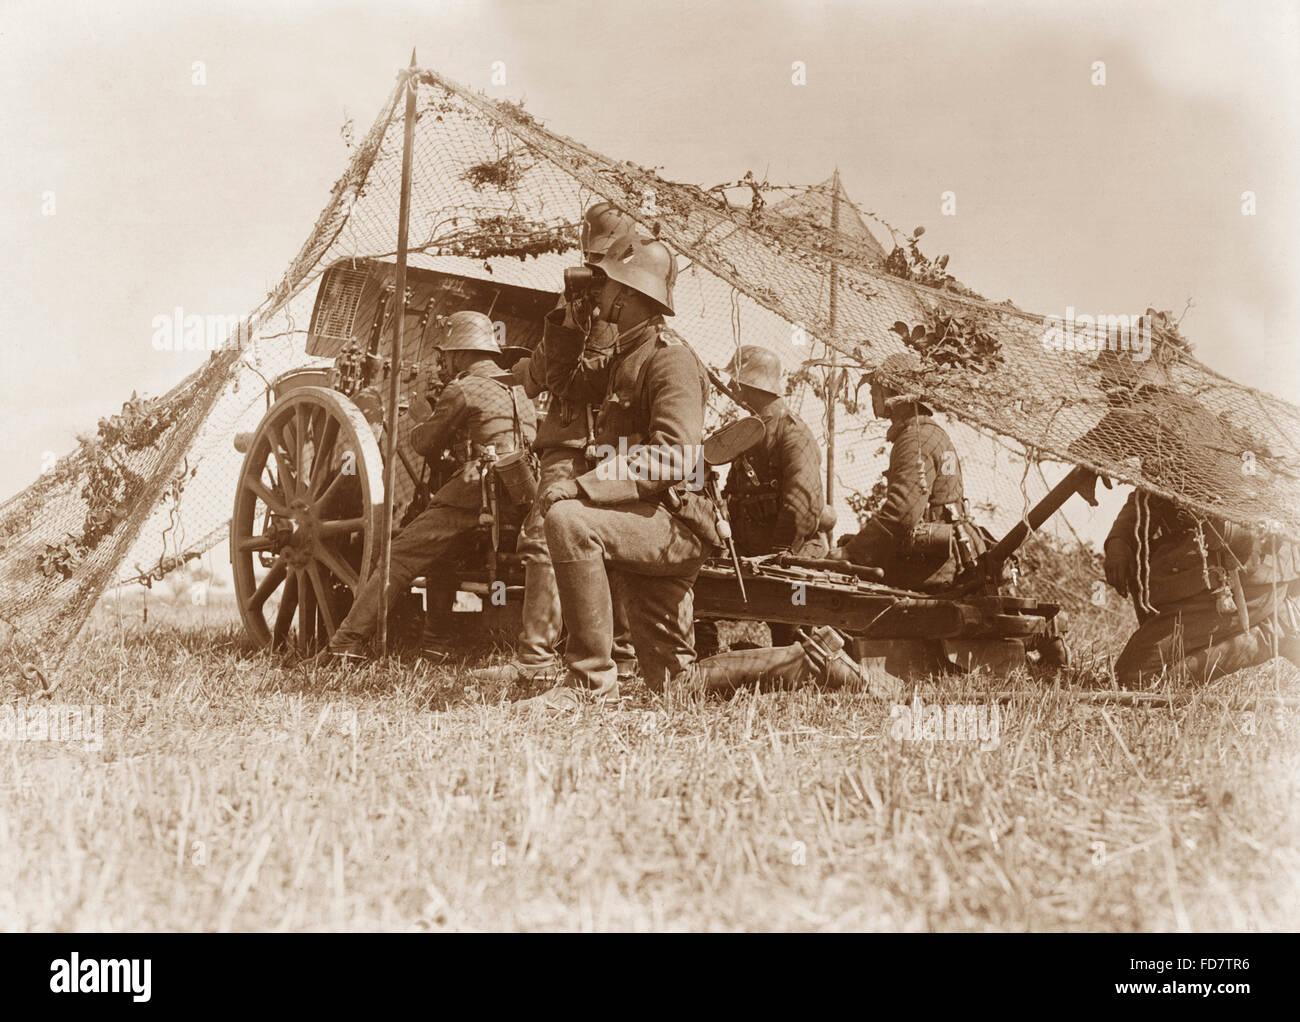 Reichswehr soldier with gun under camouflage netting - Stock Image